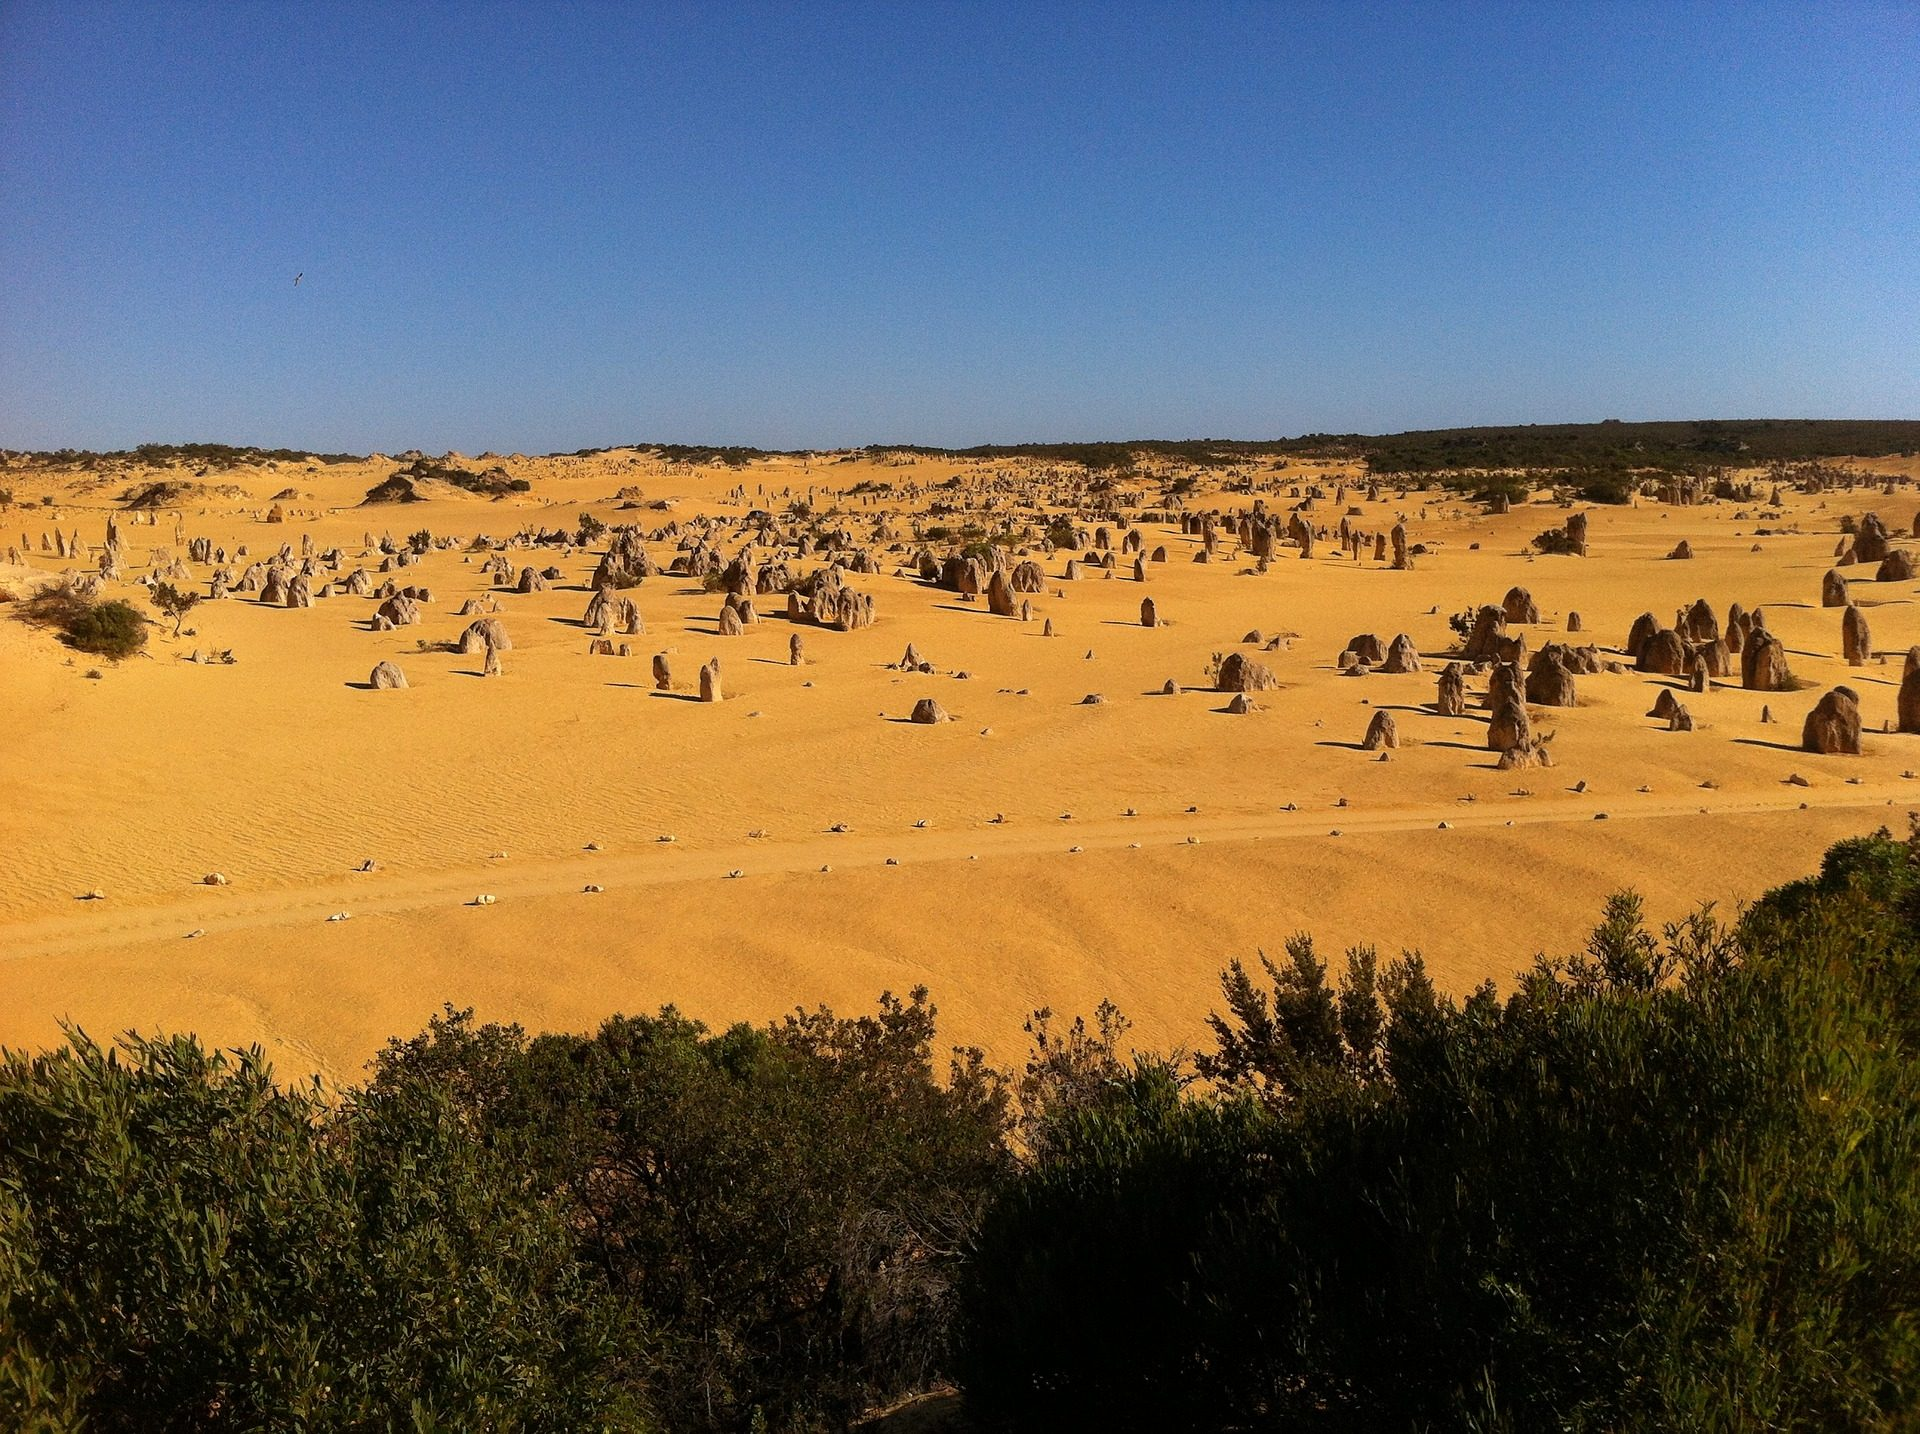 пустыня, песок, камни, Rocas, деревья, Австралия - Обои HD - Профессор falken.com